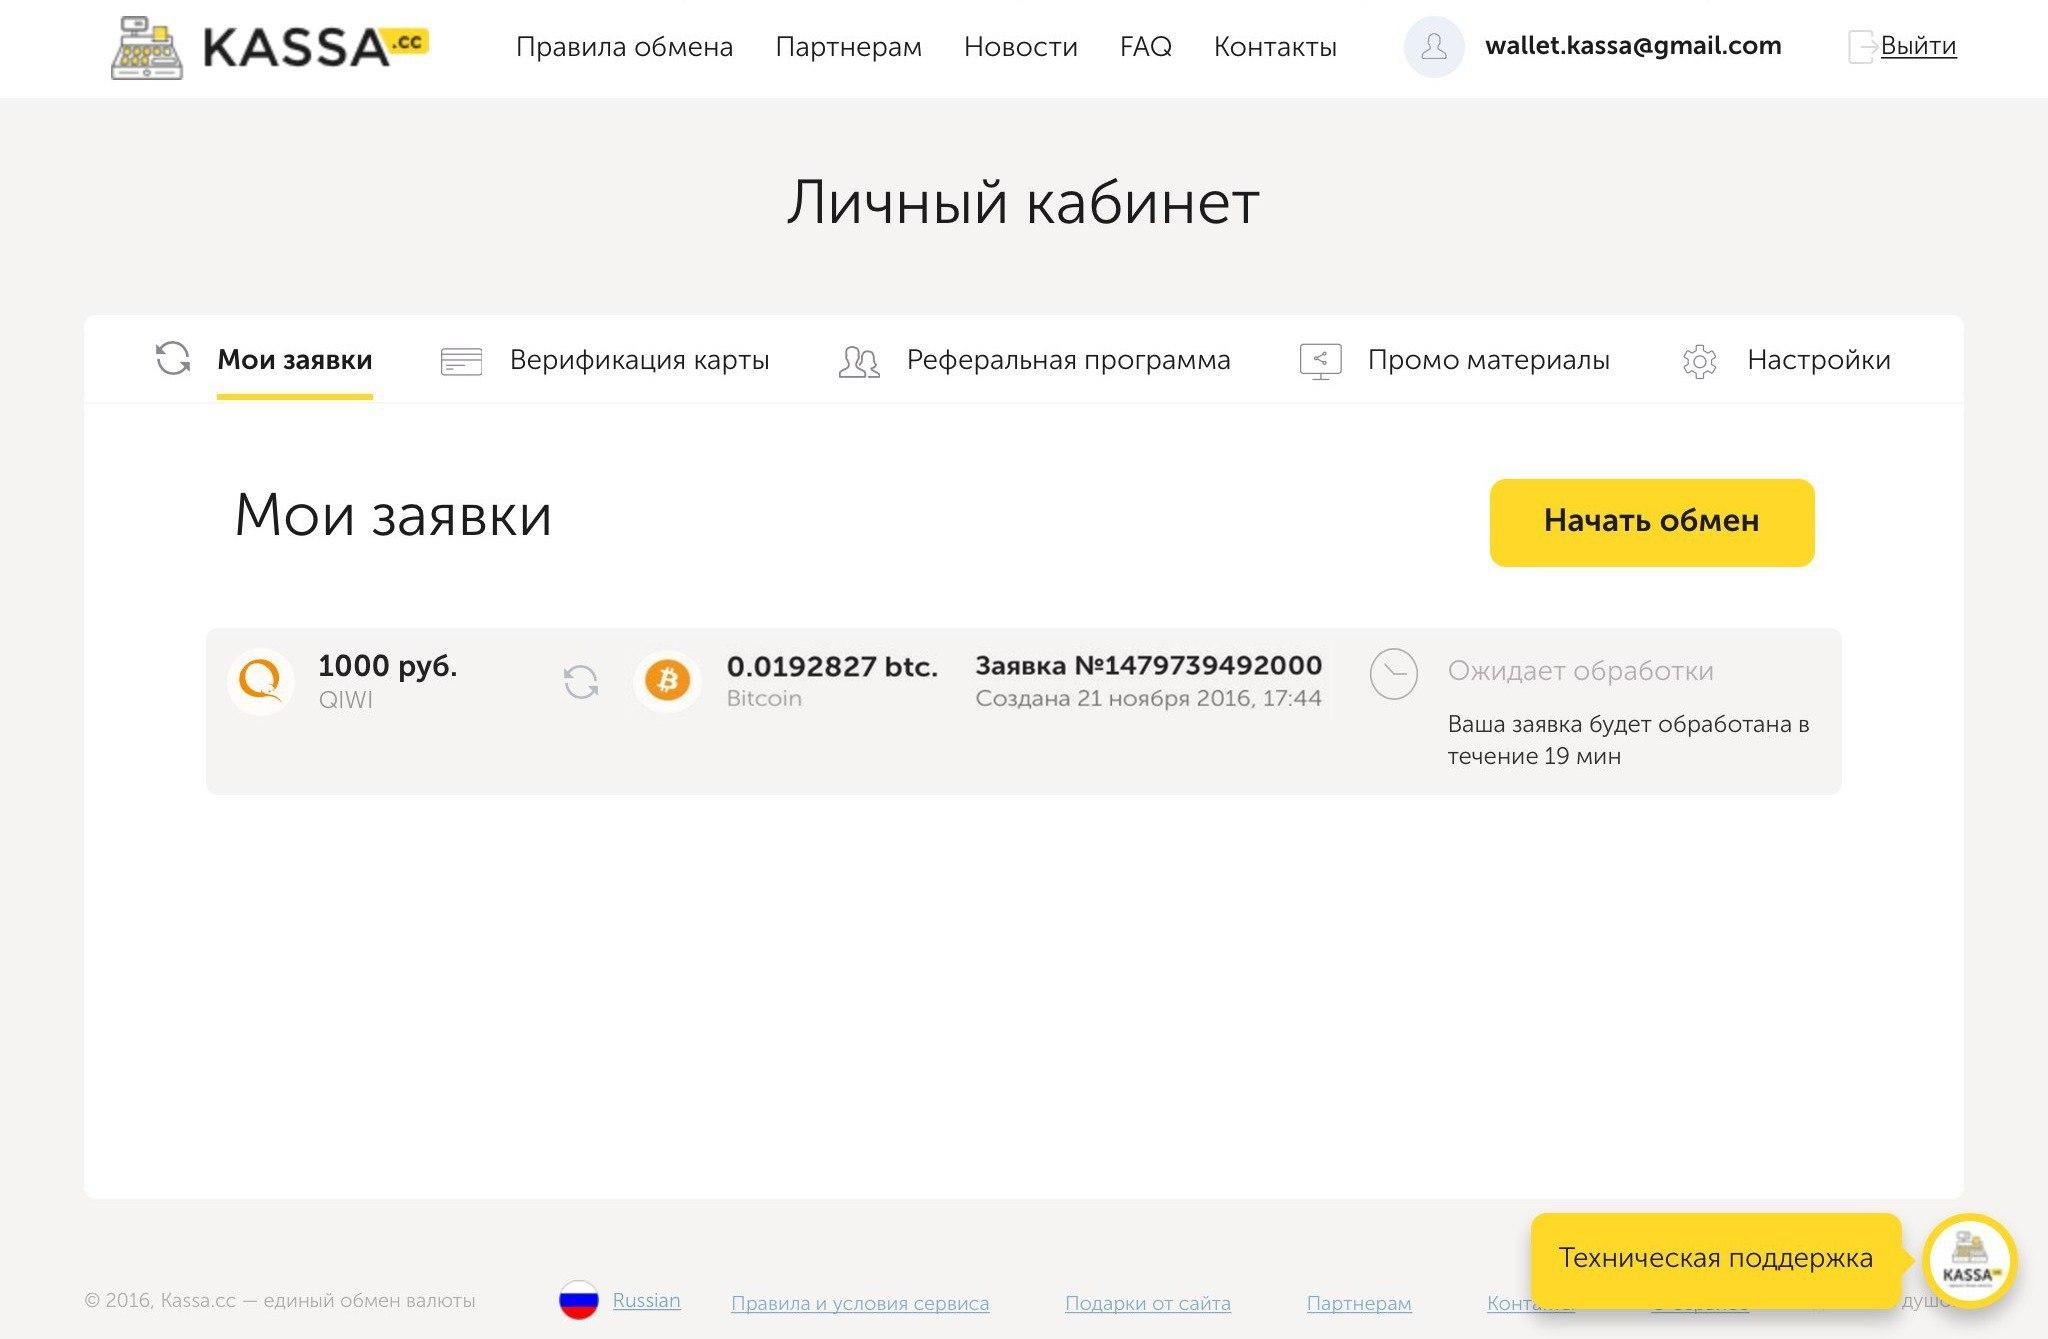 Kassa.cc - единый обмен валюты. Вывод BTC-e USD на карту Сбербанка